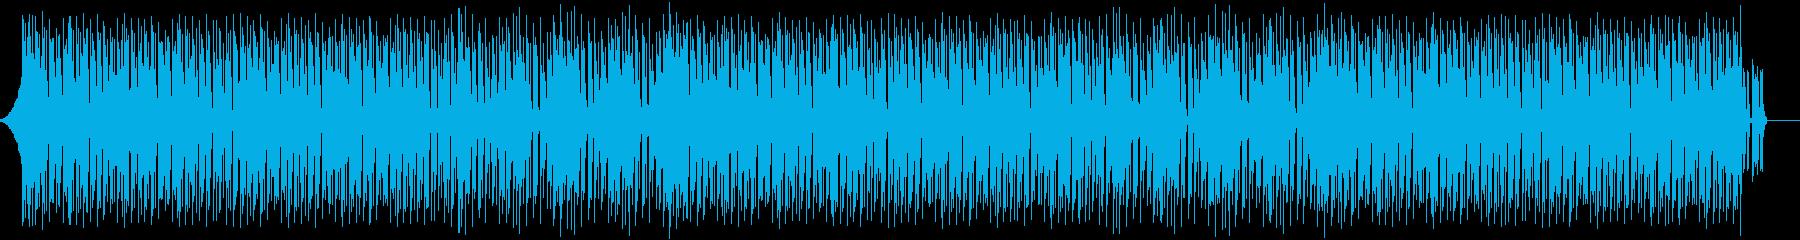 スマホ・アプリ・アミューズメントの再生済みの波形